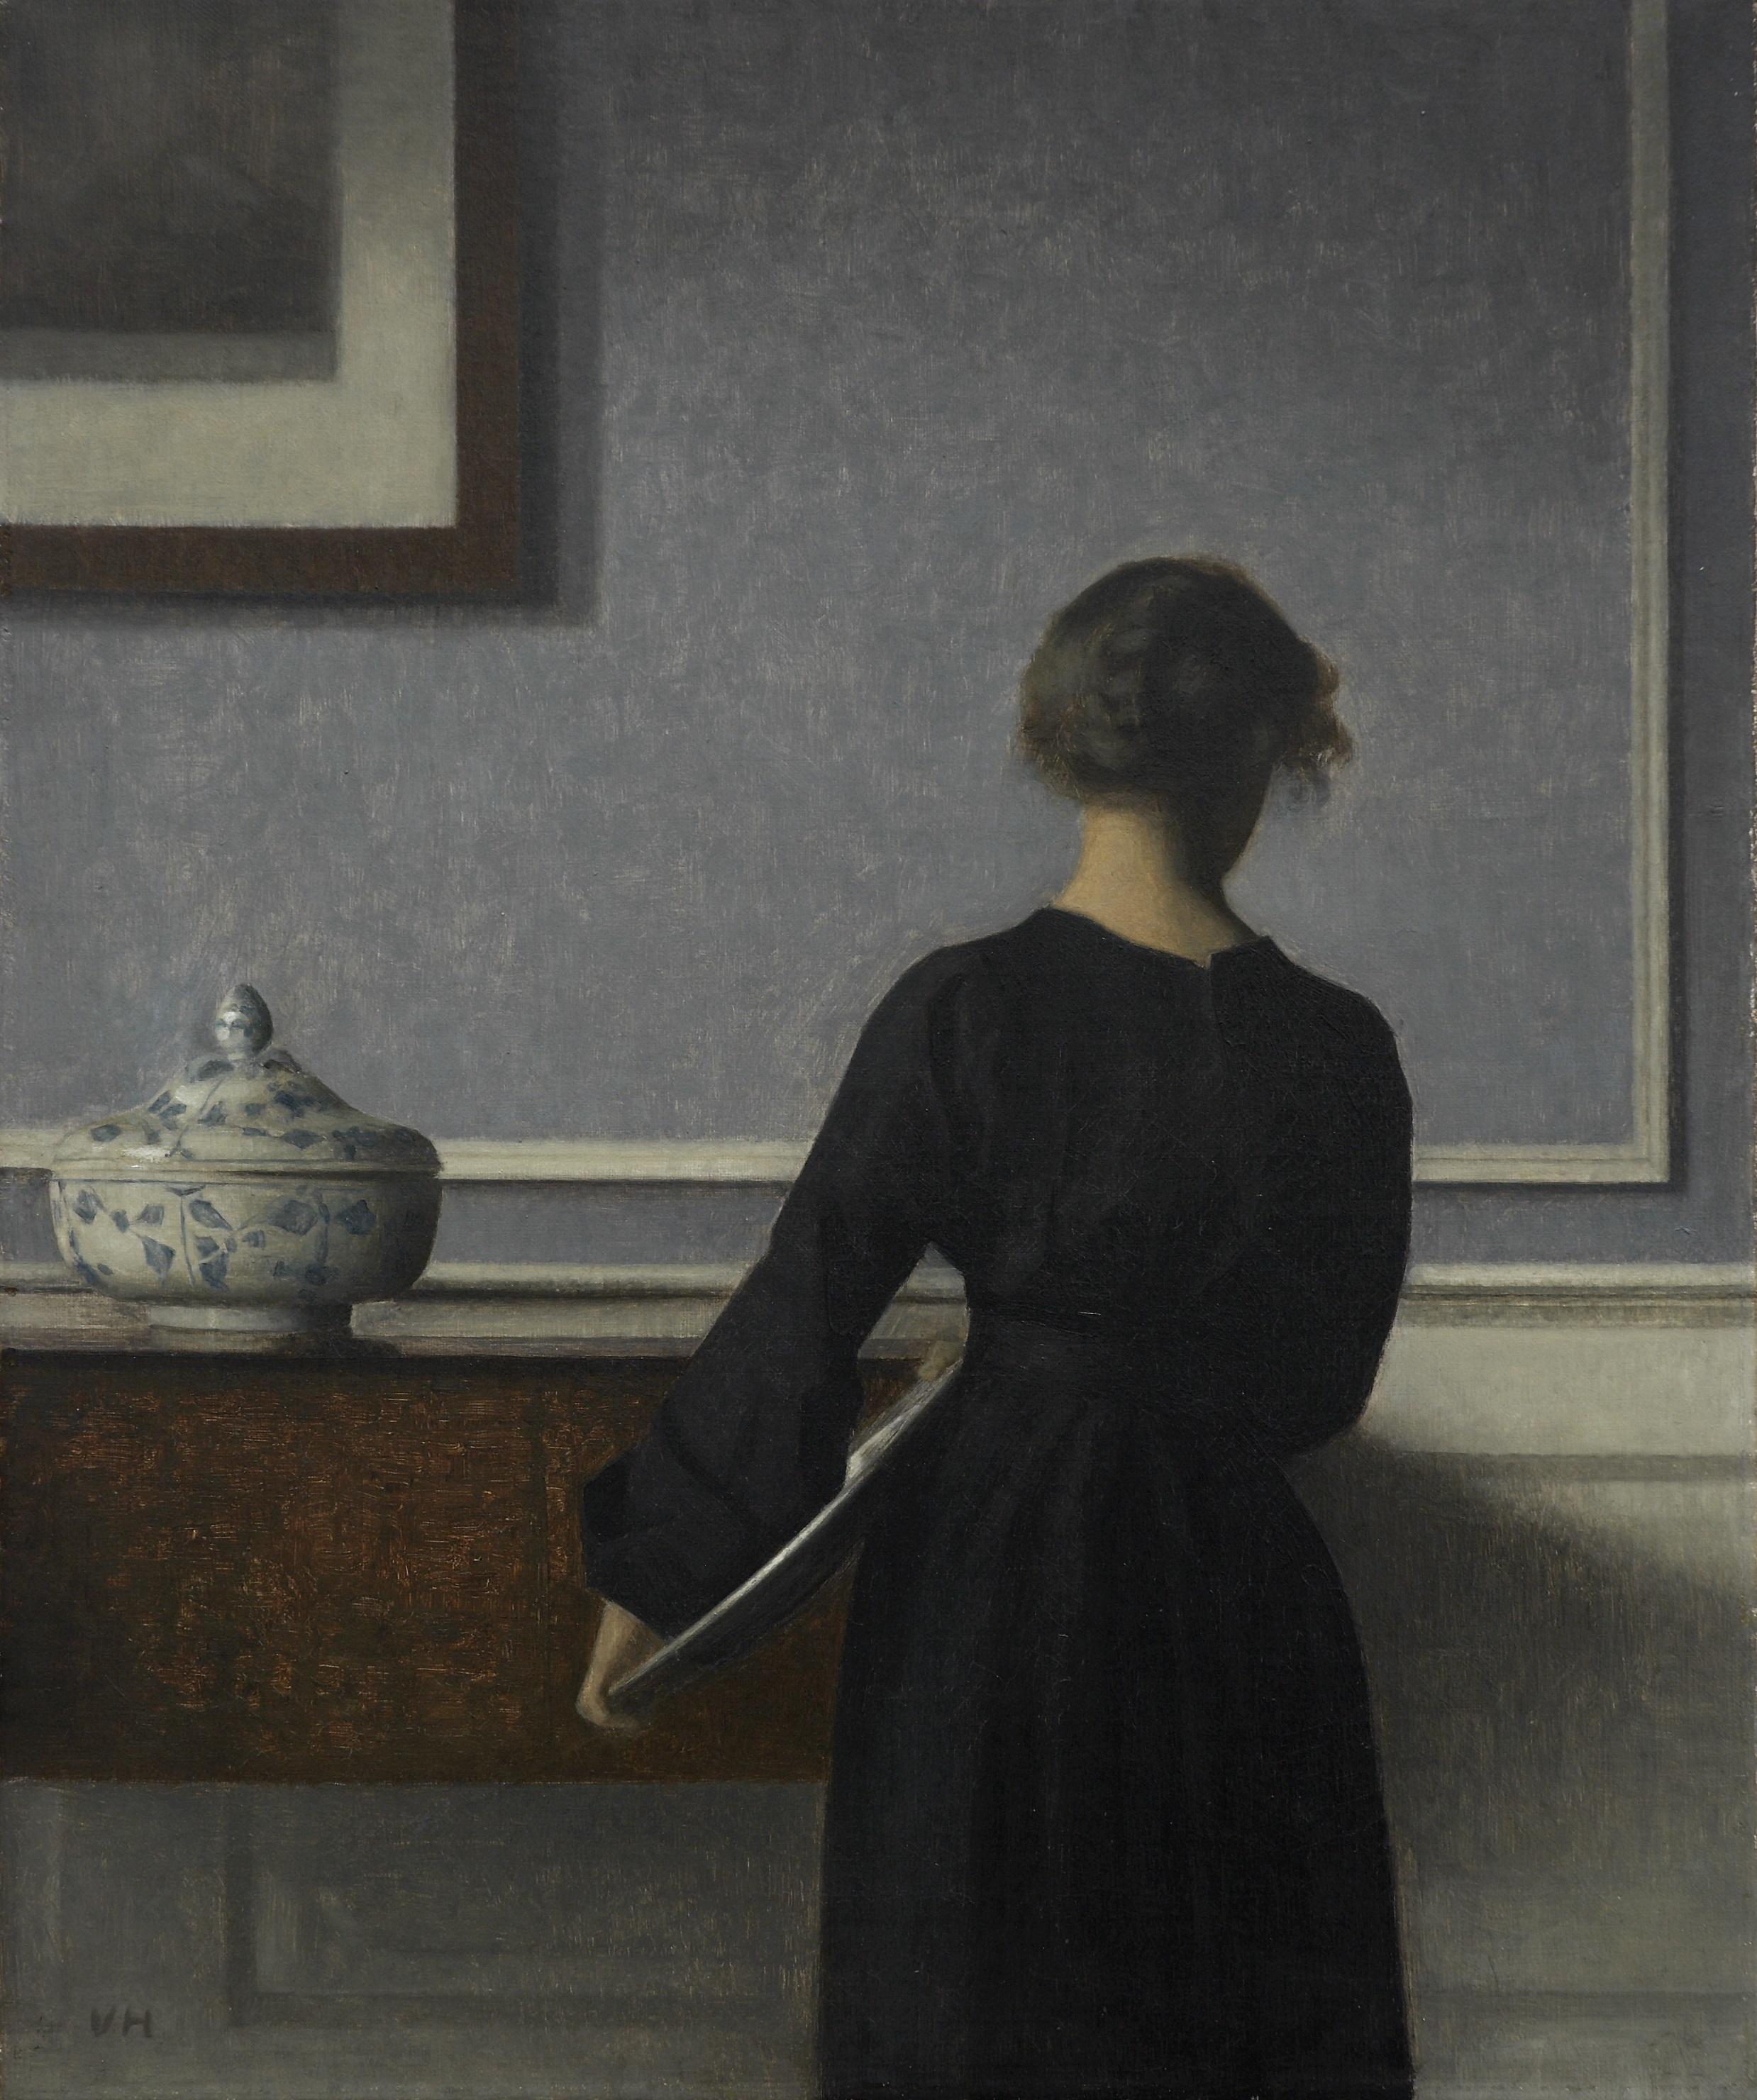 ヴィルヘルム・ハマスホイ 《背を向けた若い女性のいる室内》 1903-04年 ラナス美術館蔵 (C)  Photo: Randers Kunstmuseum